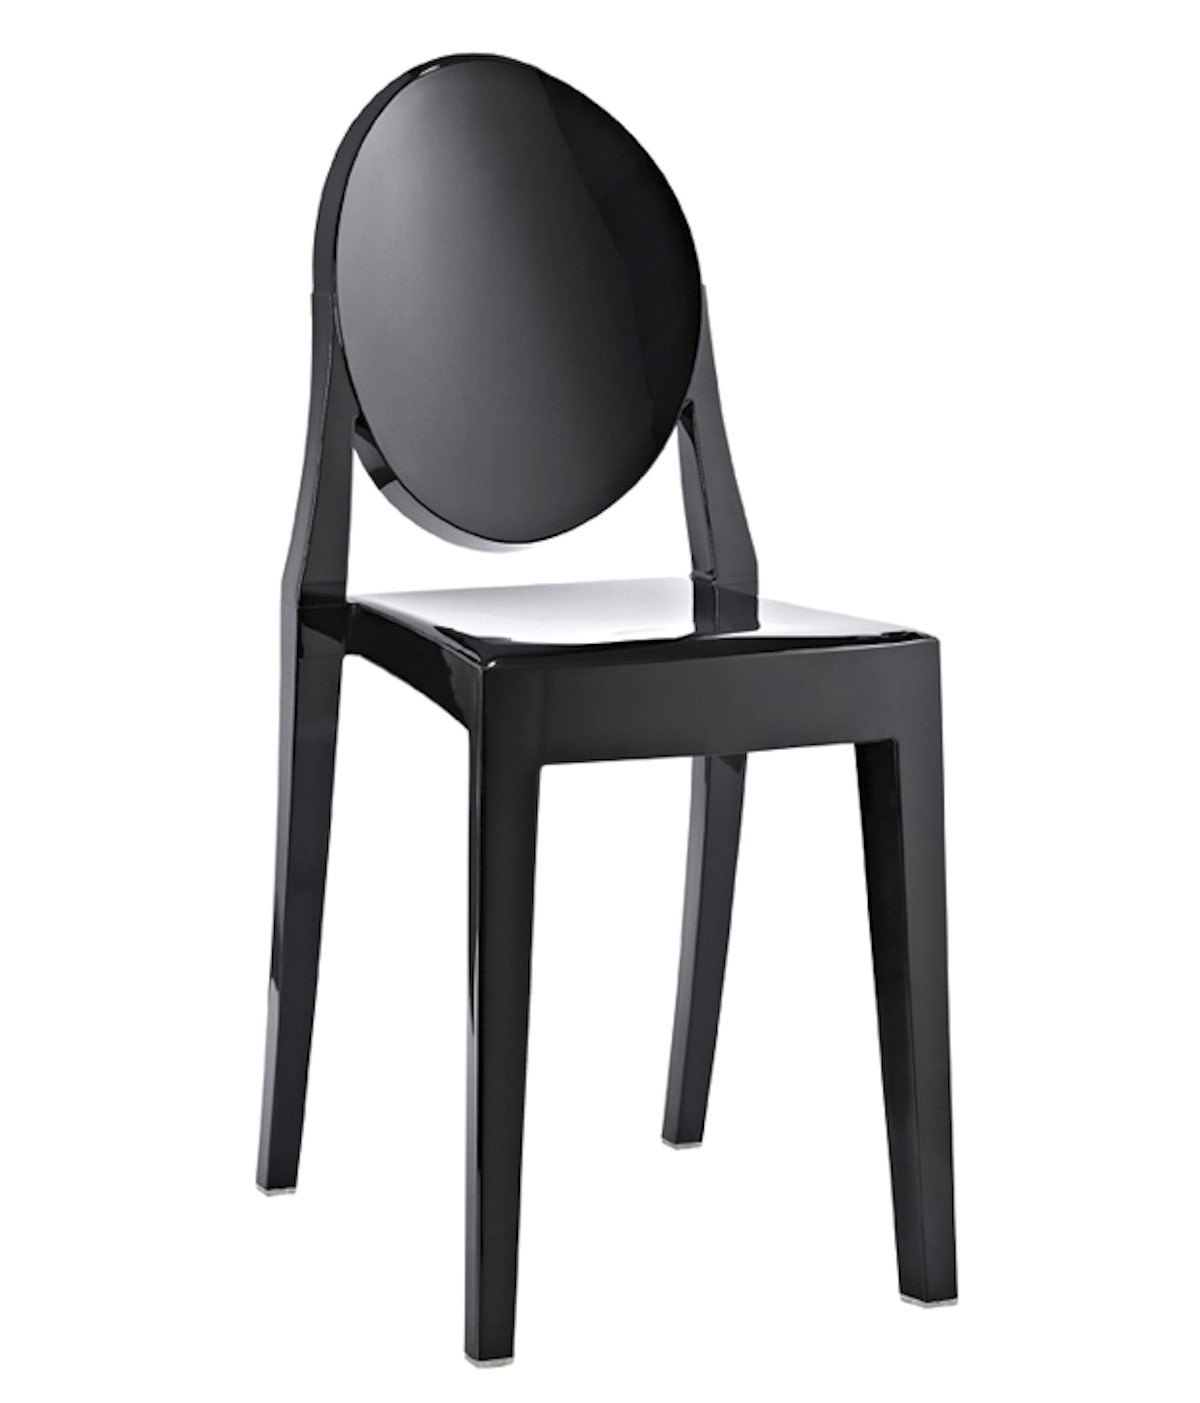 Noleggio sedie sedie mod victoria ghost nere for Sedia victoria ghost kartell